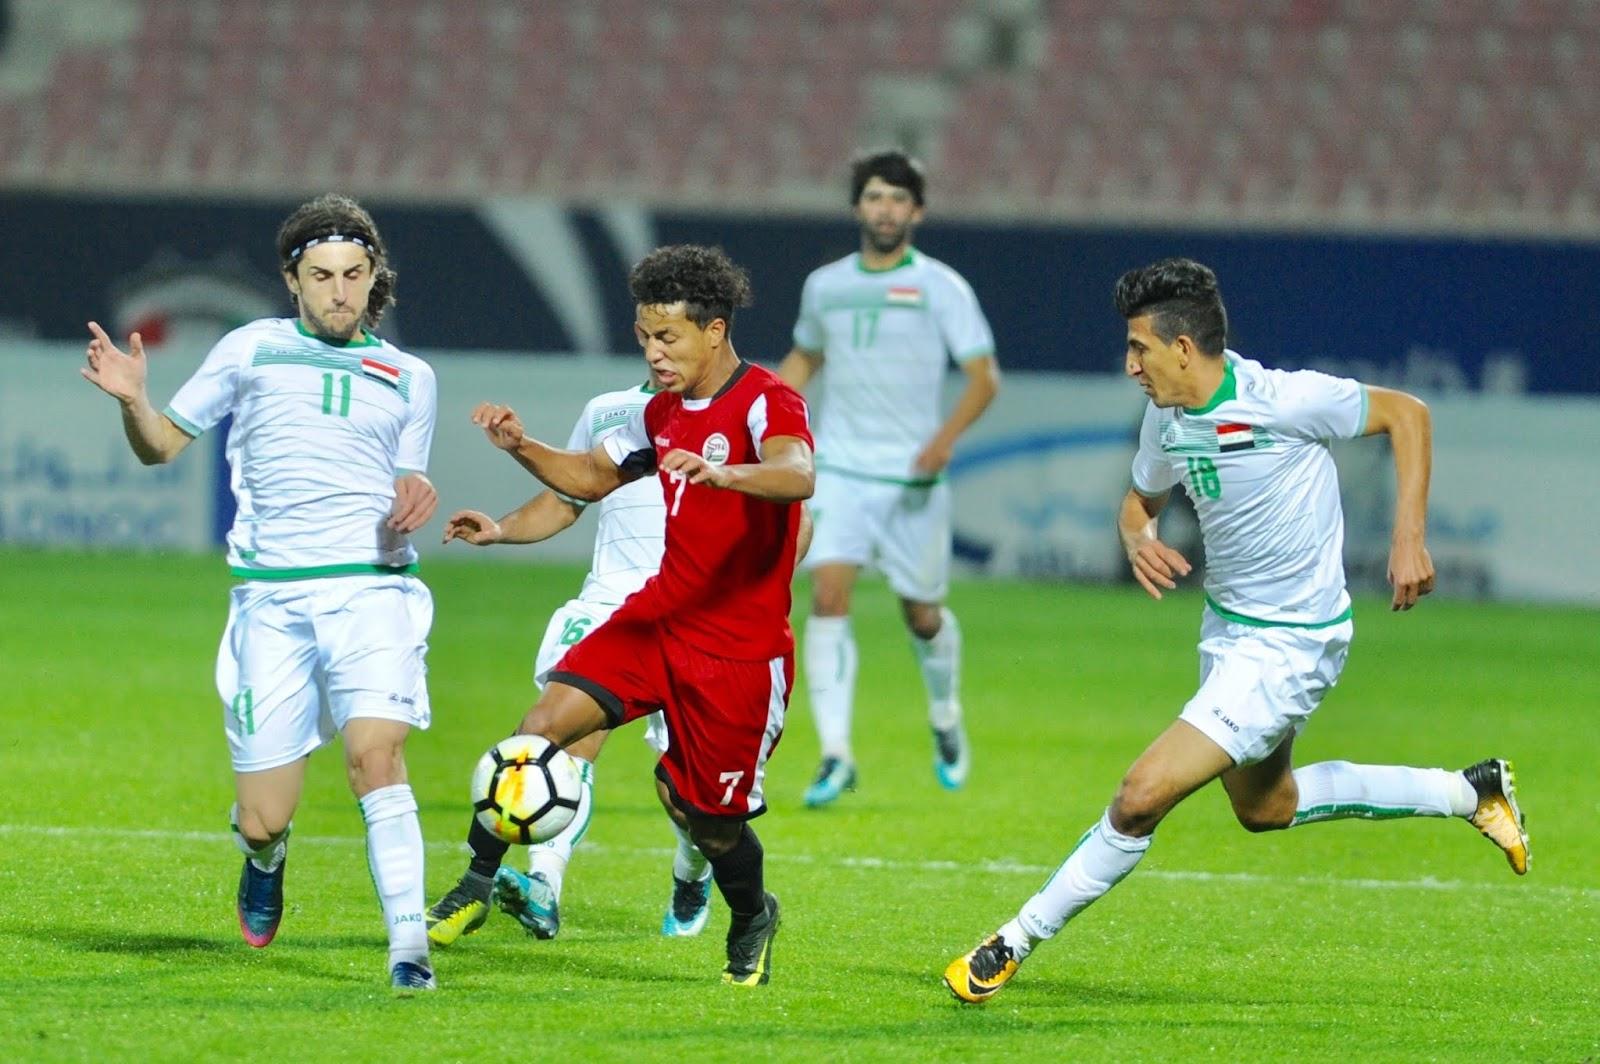 نتيجة مباراة العراق واليمن بتاريخ 11-08-2019 بطولة اتحاد غرب آسيا